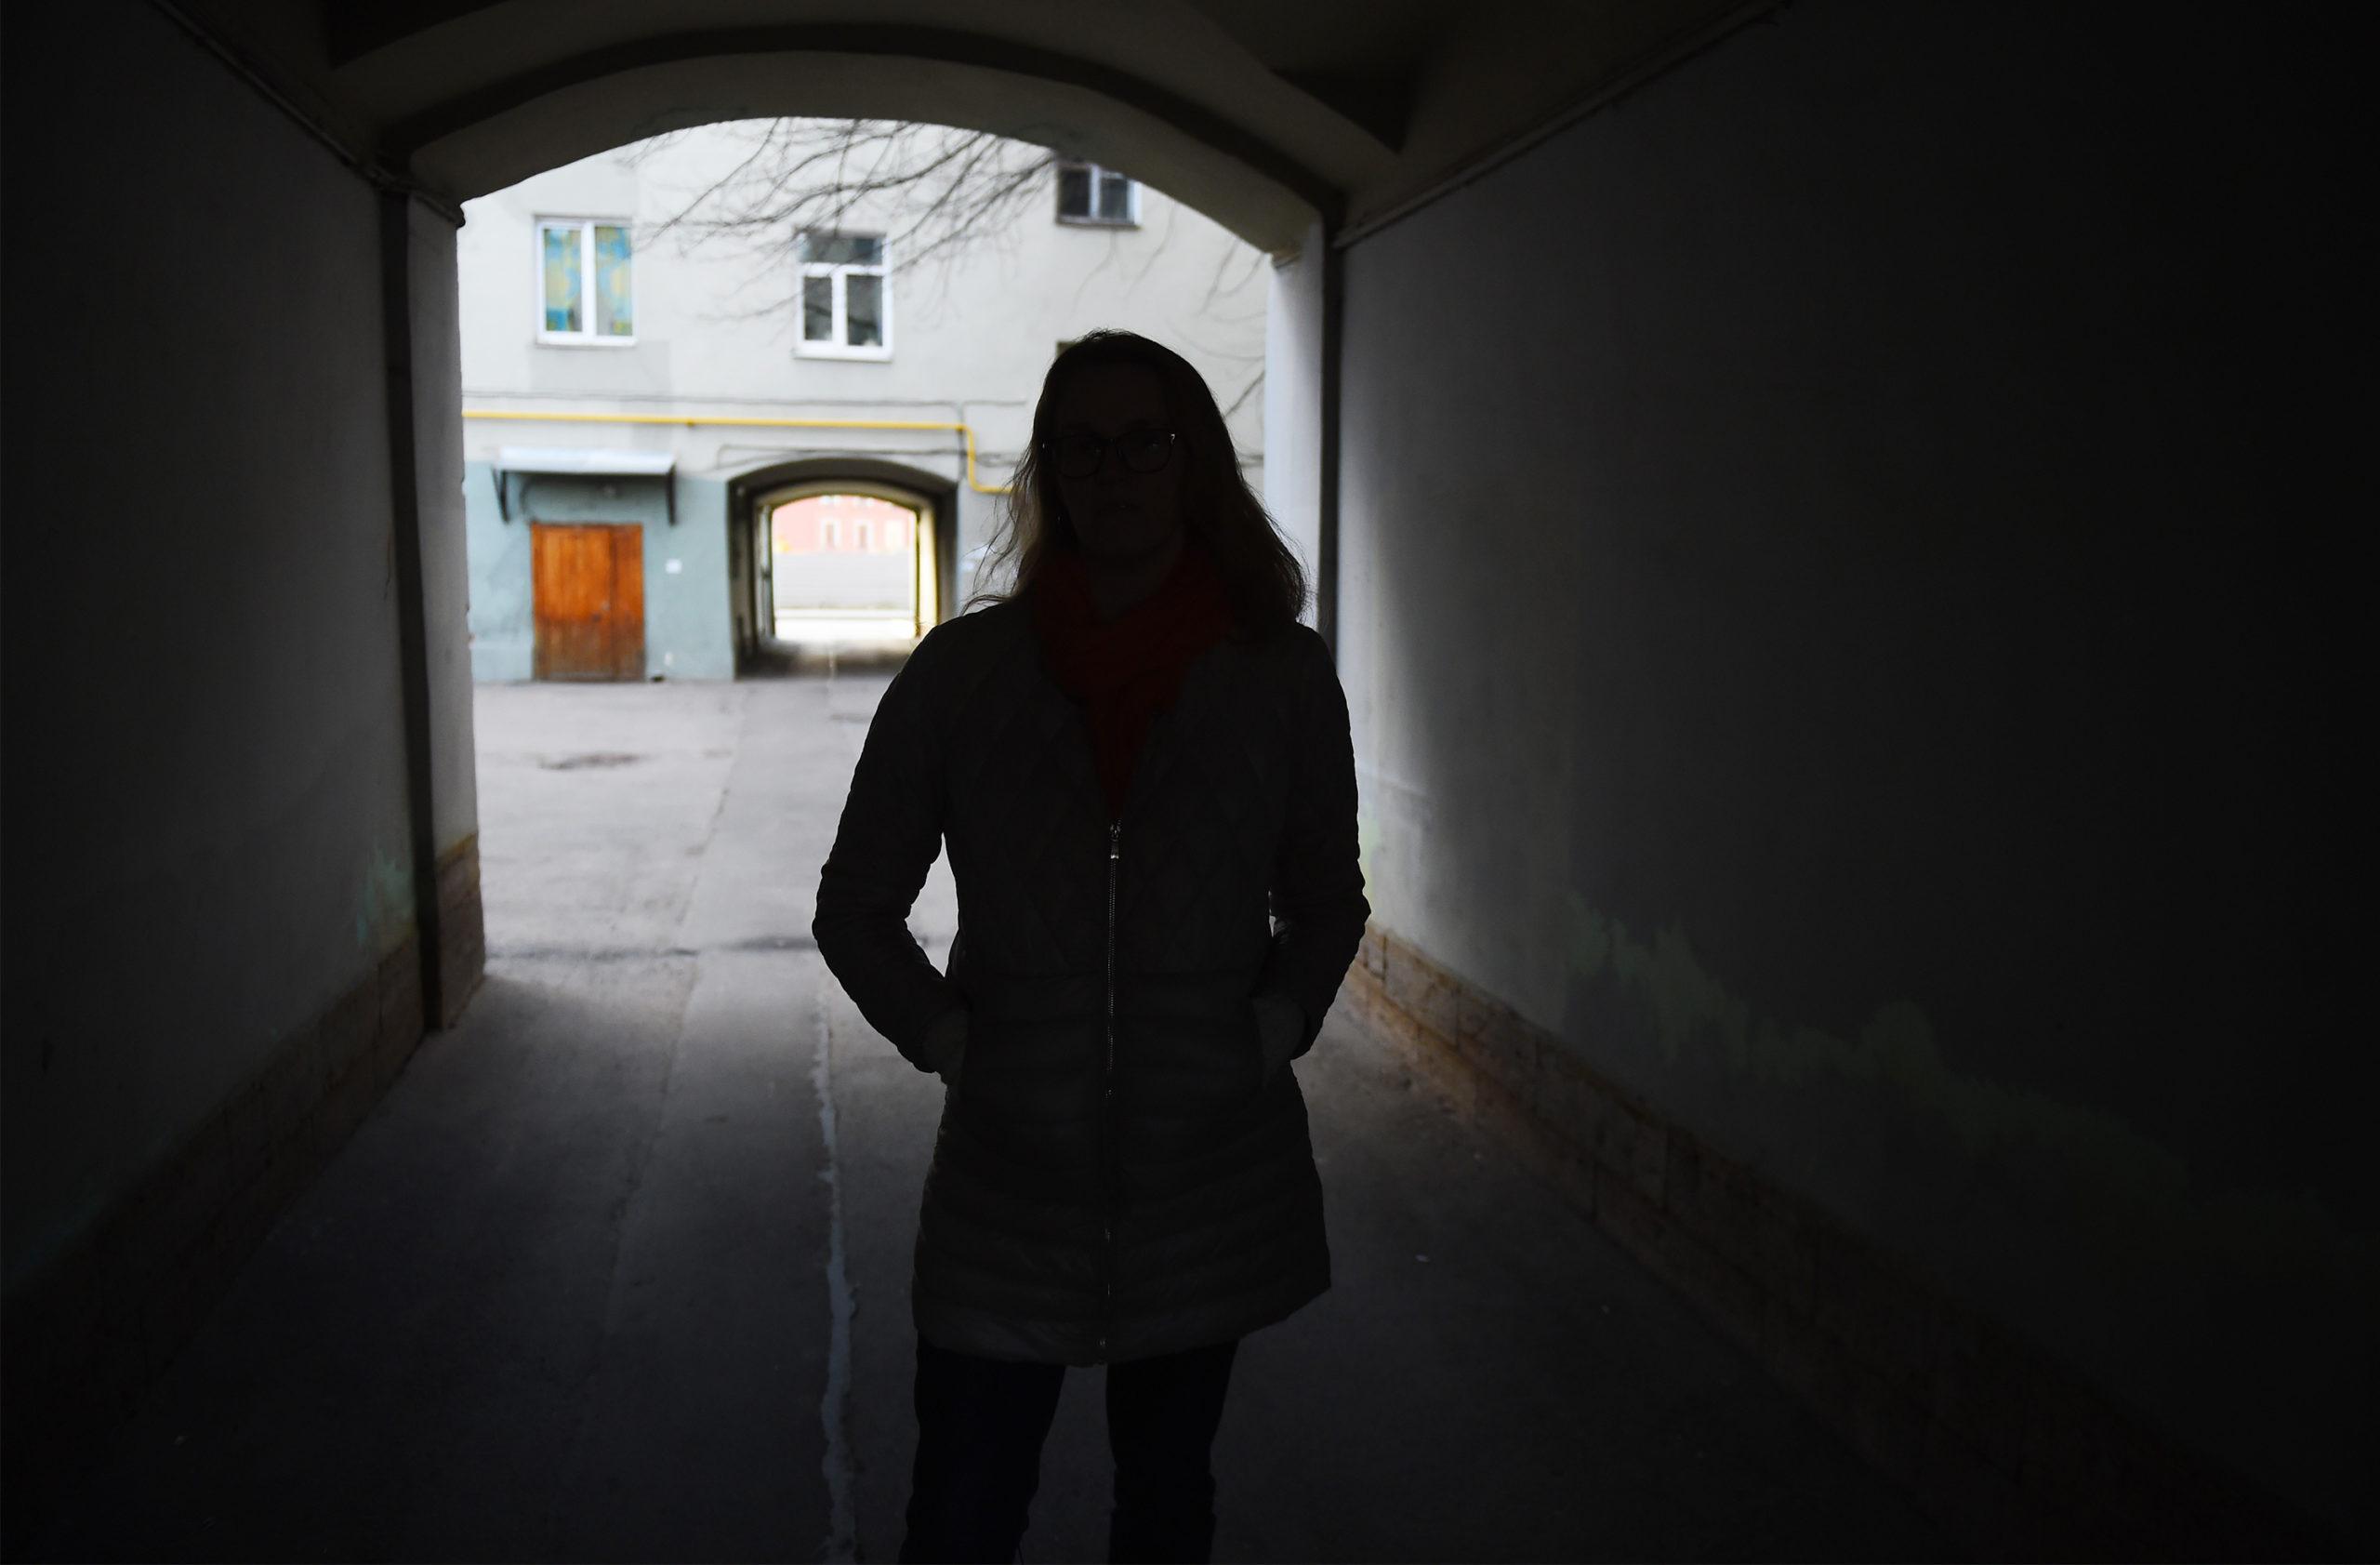 Le projet de loi effacerait efficacement les personnes transgenres en Russie